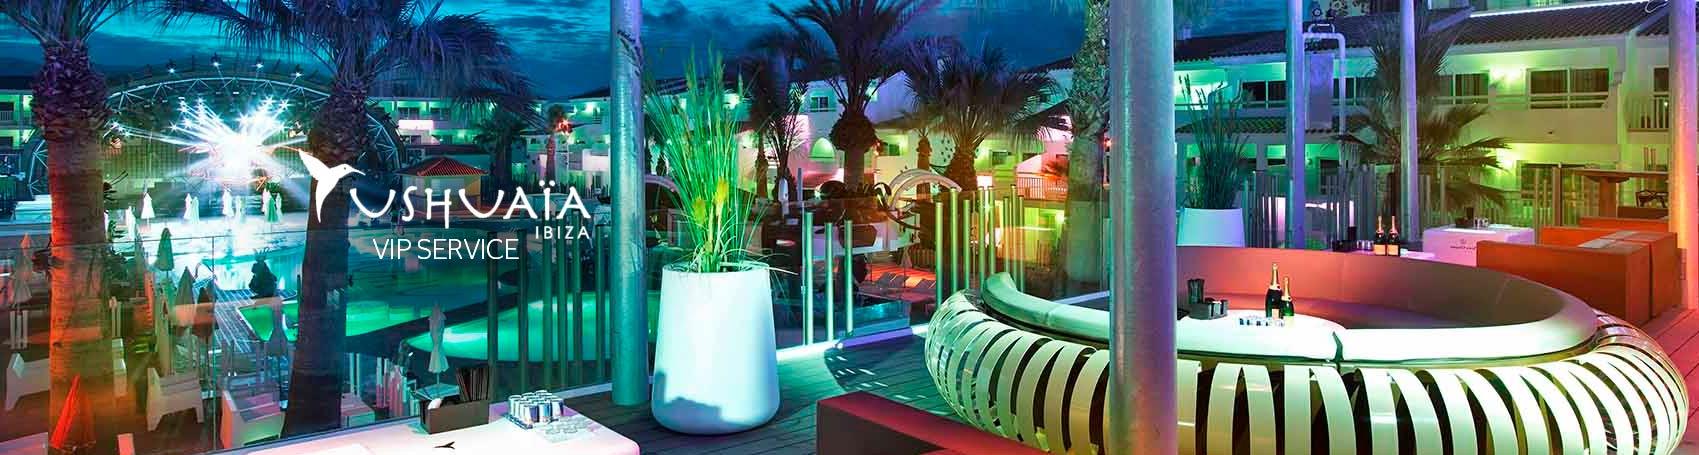 Servicio de reservas de mesas VIP beach club Ushuaia en Ibiza. Servicios VIP Ibiza. Consulting Services Ibiza